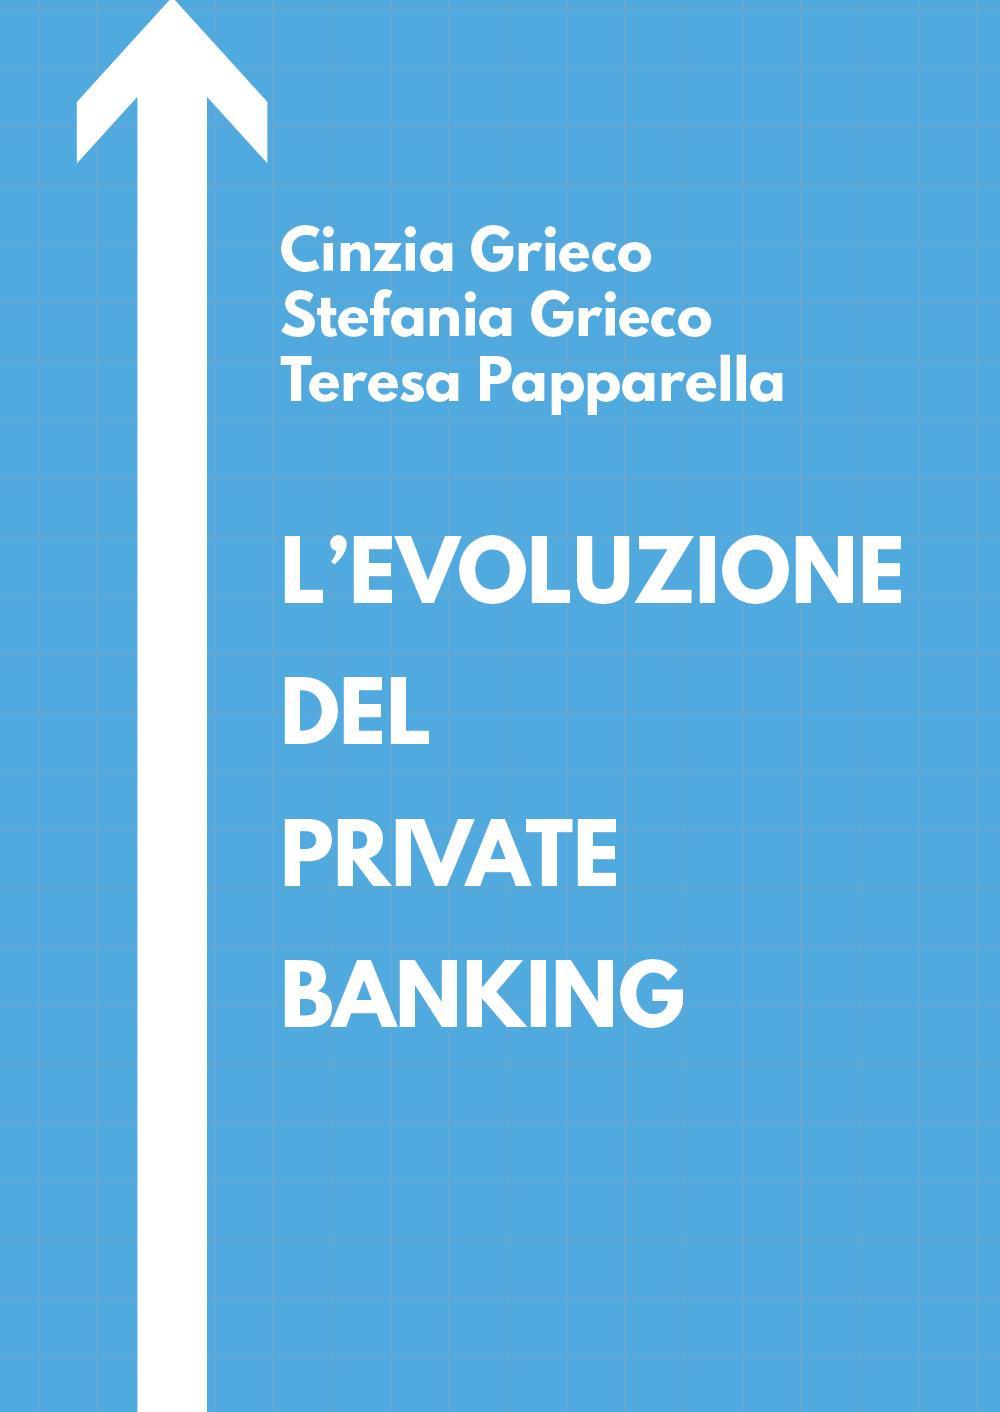 L'evoluzione del private banking